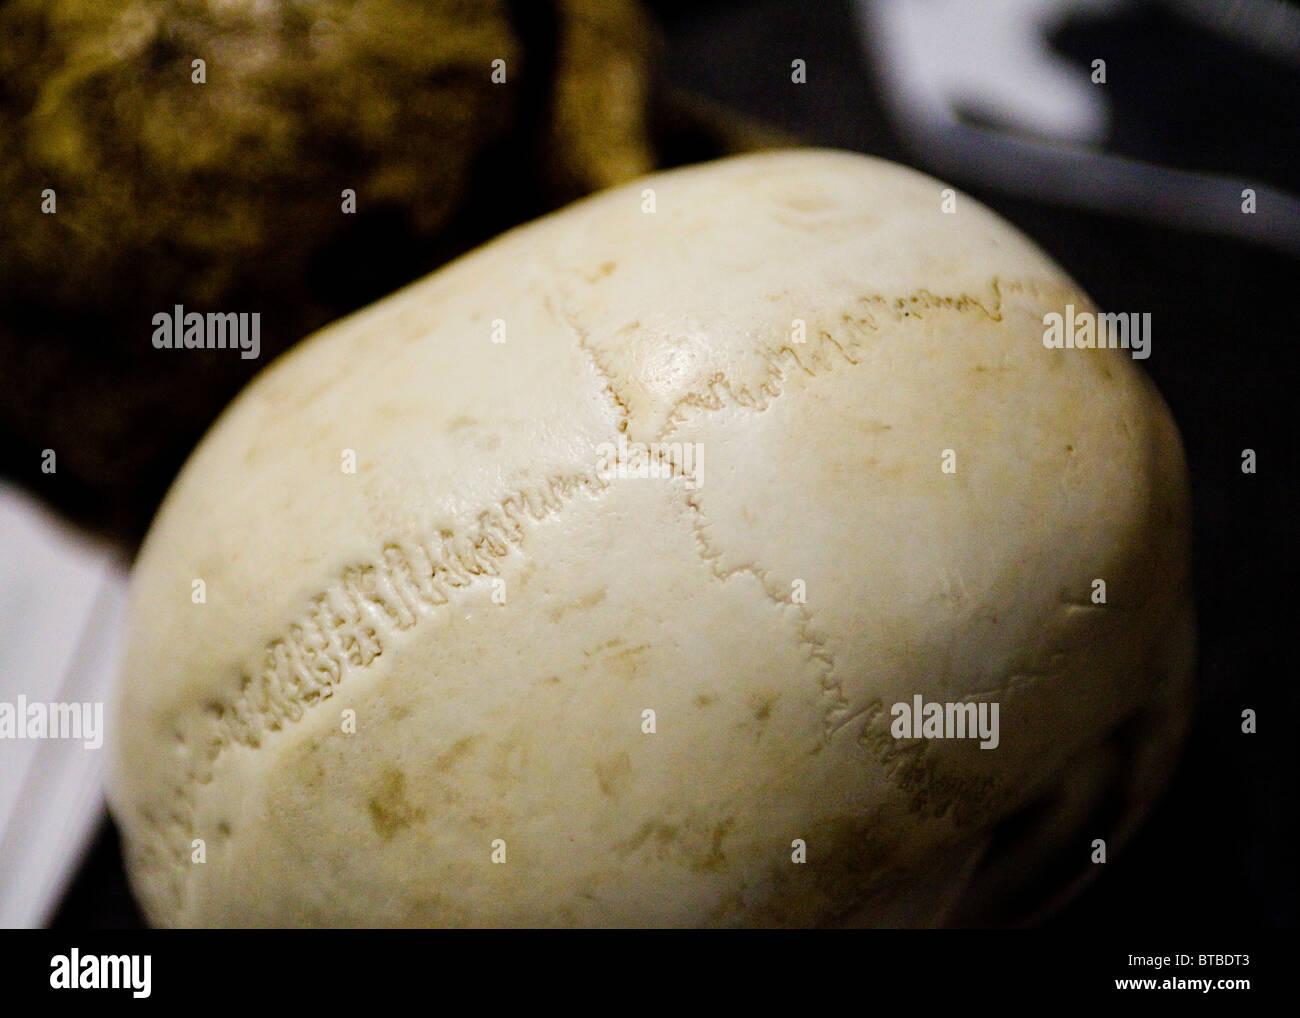 Menschlicher Schädel Nähte Stockfoto, Bild: 32214451 - Alamy